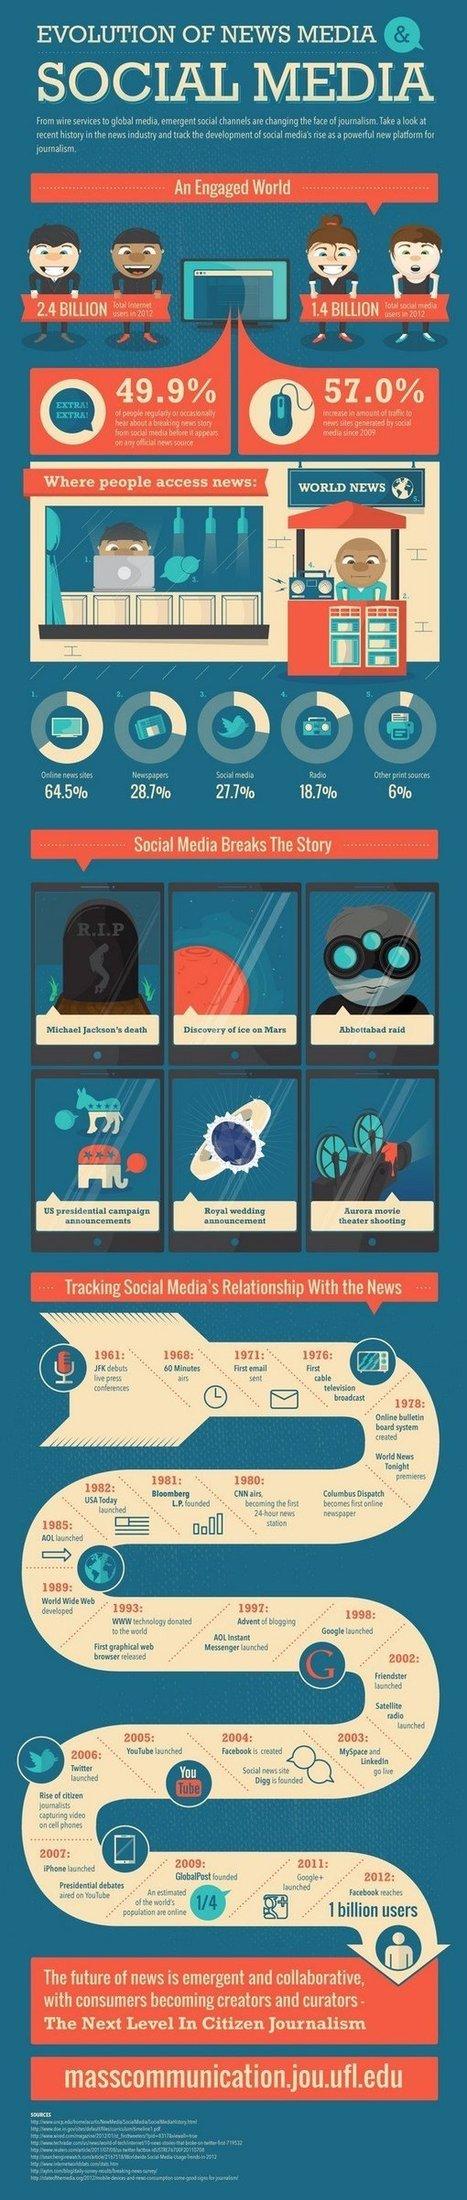 Le nouveau journalisme passe par les réseaux sociaux [Infographie]   Média & Mutations digitales   Scoop.it